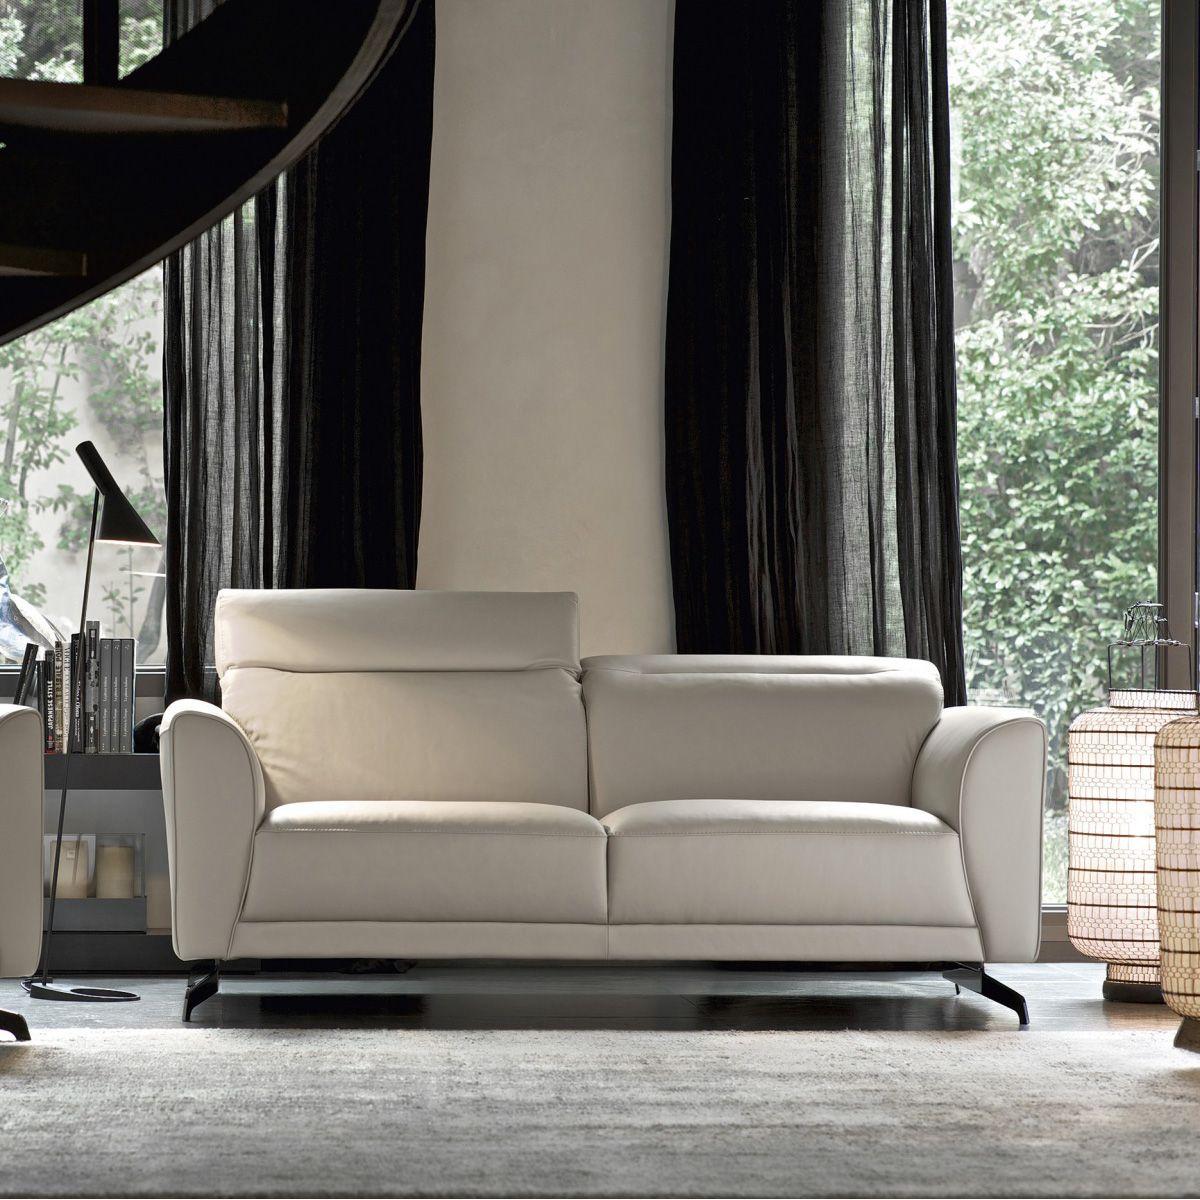 Edison doimo salotti divano in pelle classico emporio - Divano classico in pelle ...